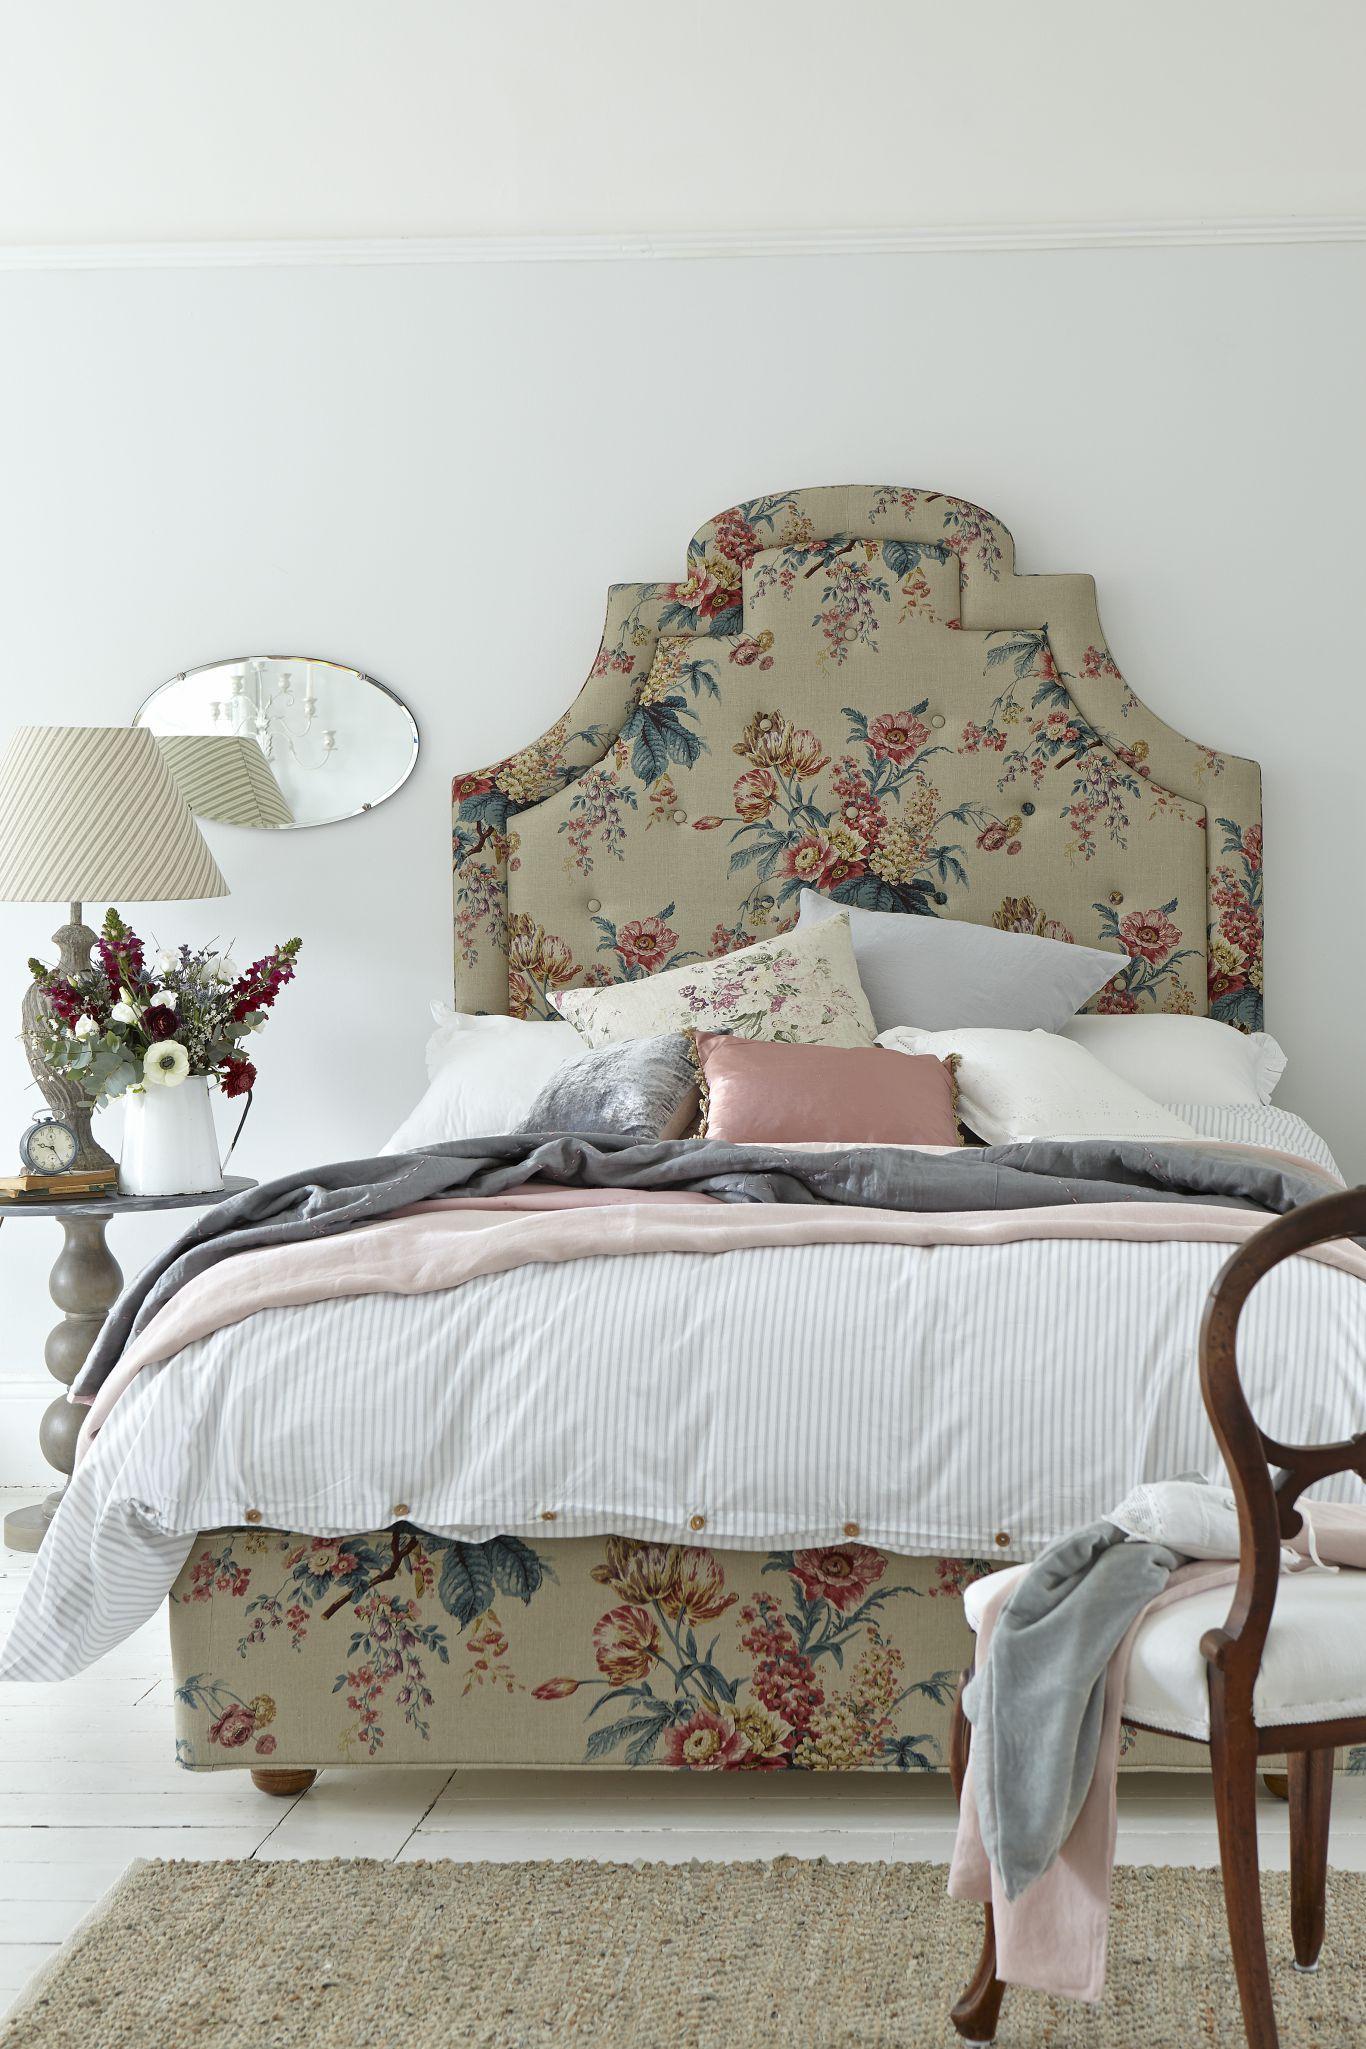 La camera da letto in stile francese | Stile country ...